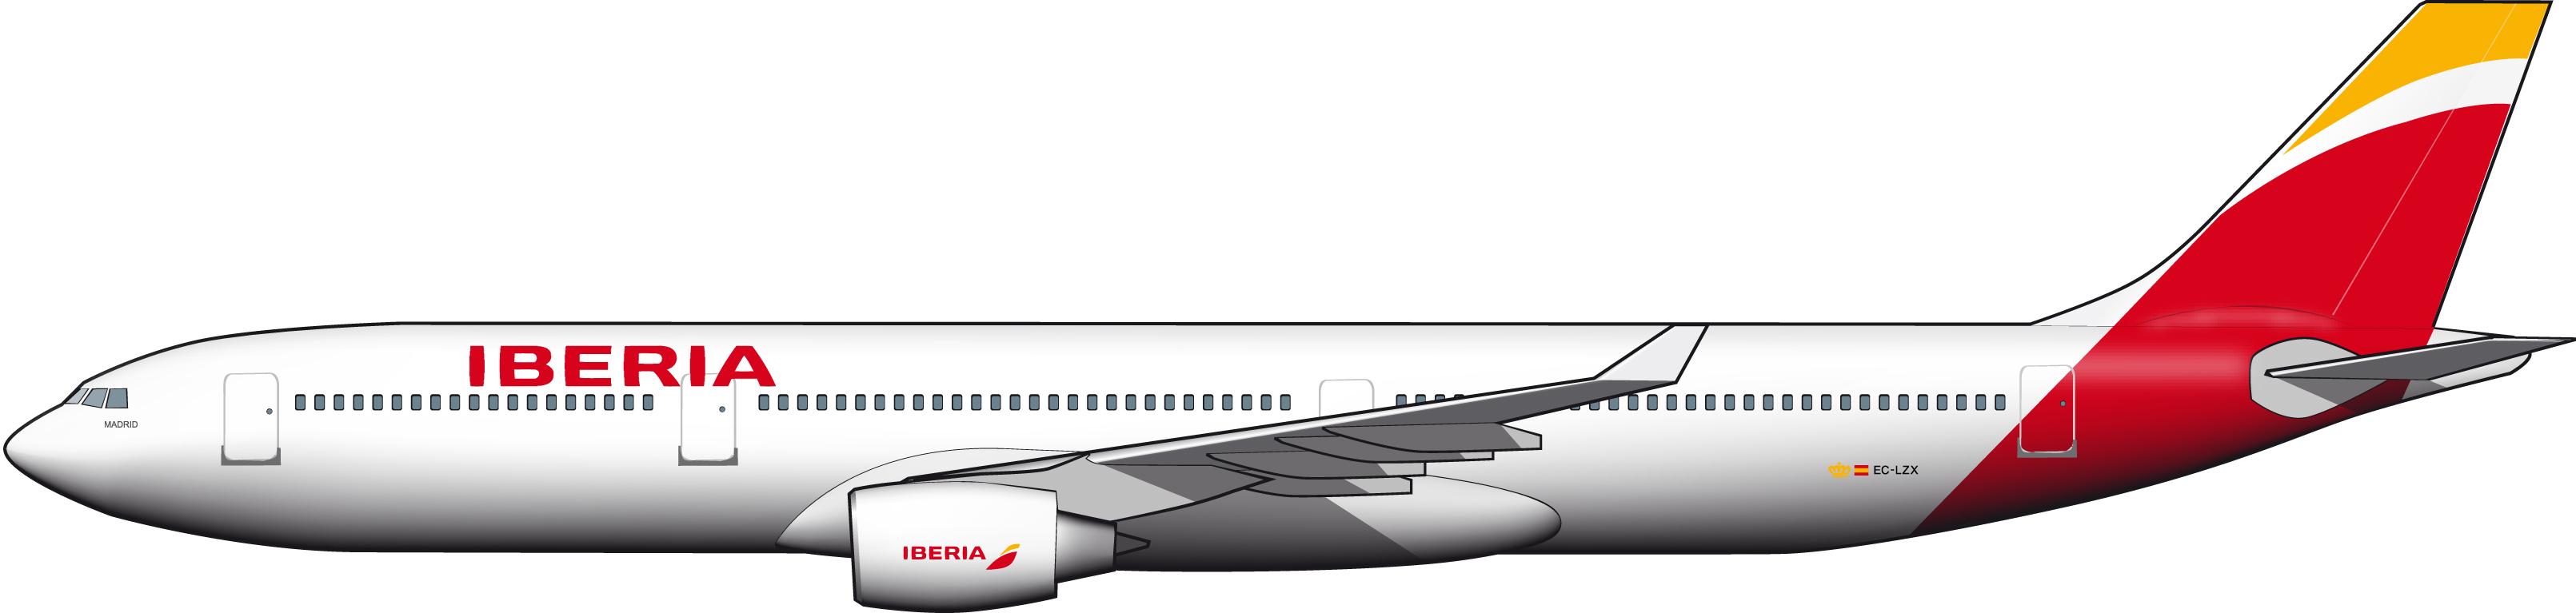 airbus330-300